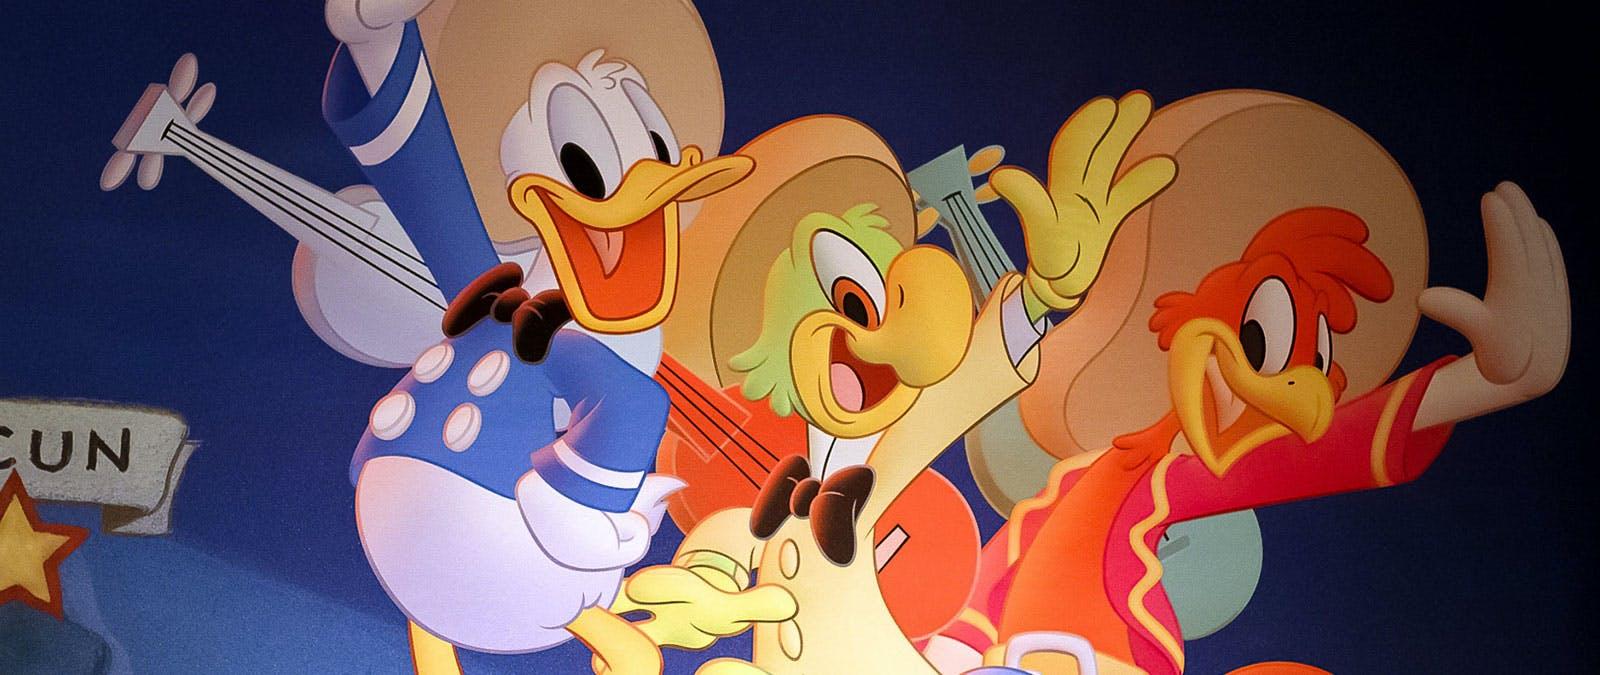 Bortglömda mästerverk på Disney Plus